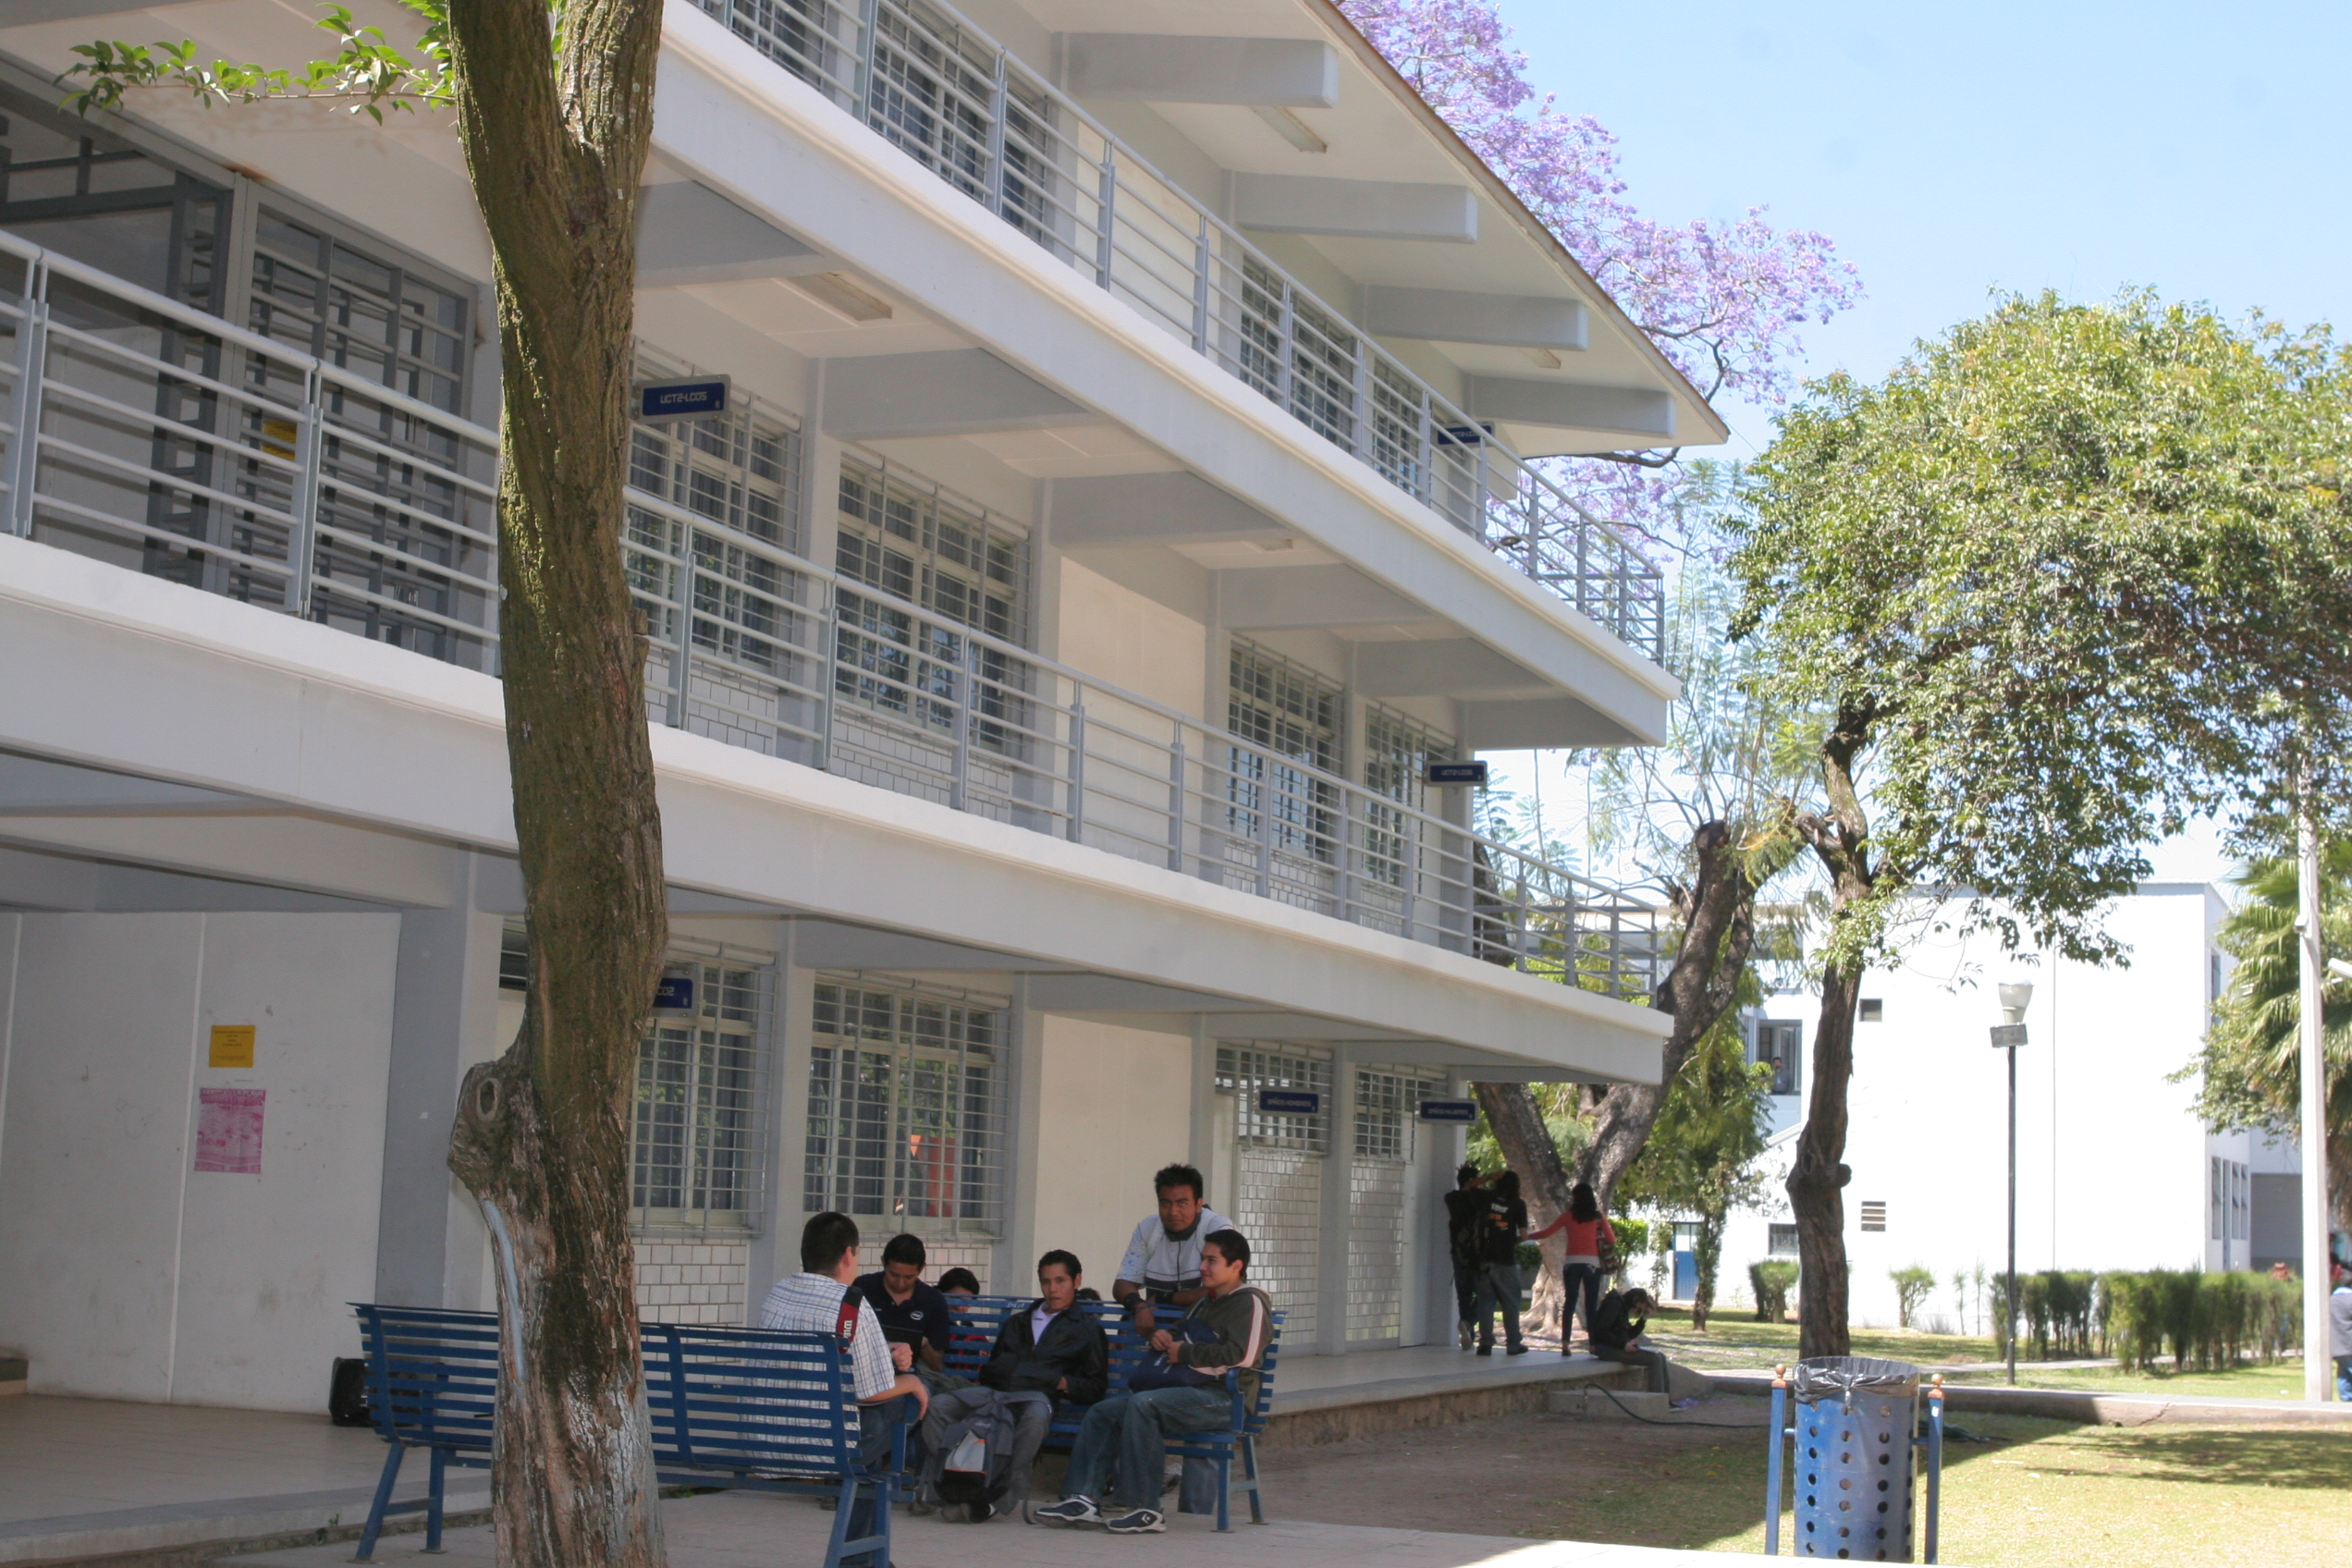 alumnos en instalaciones universitarias